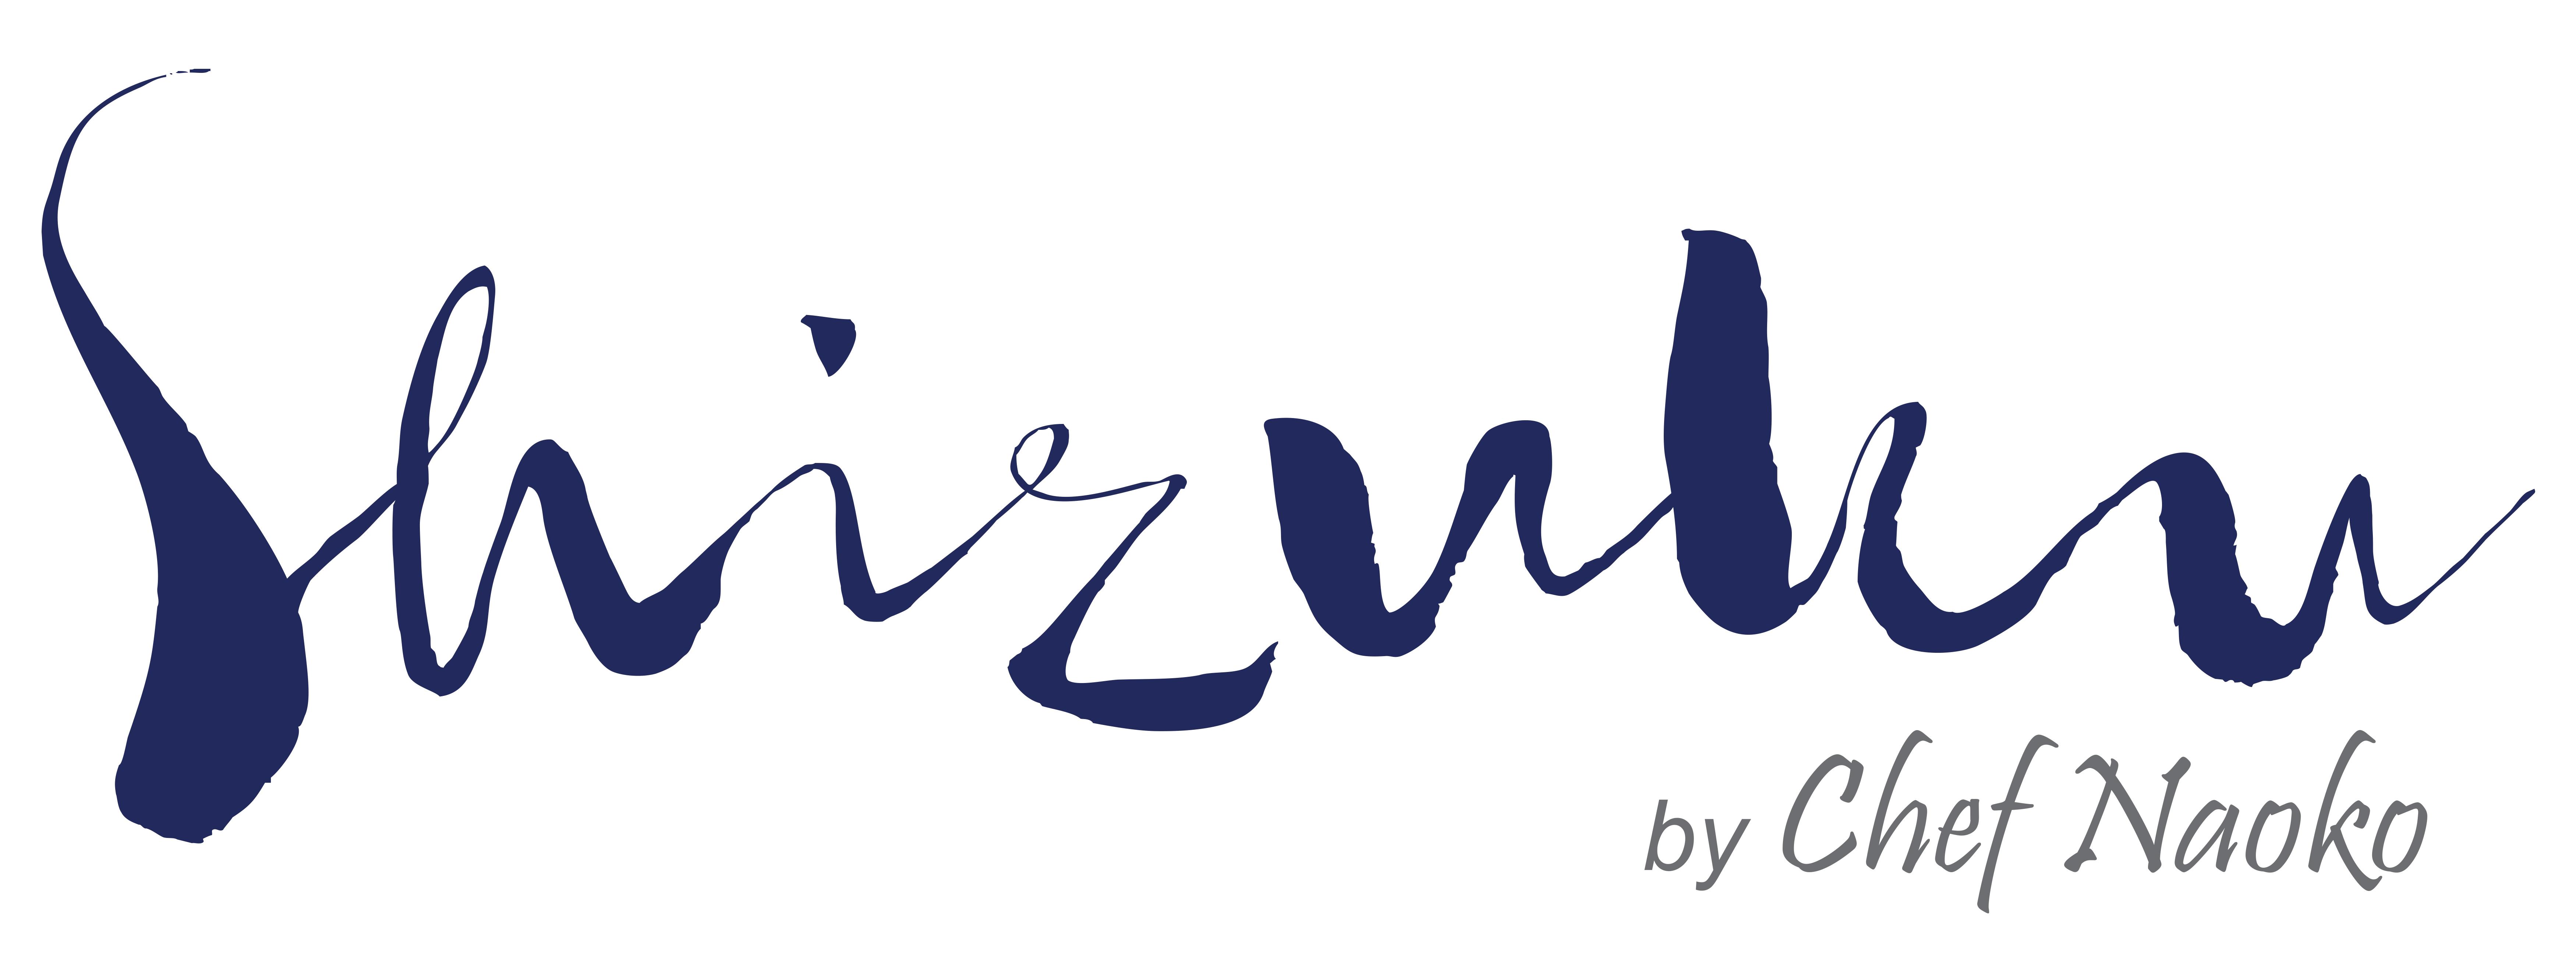 shizuku_logo_en